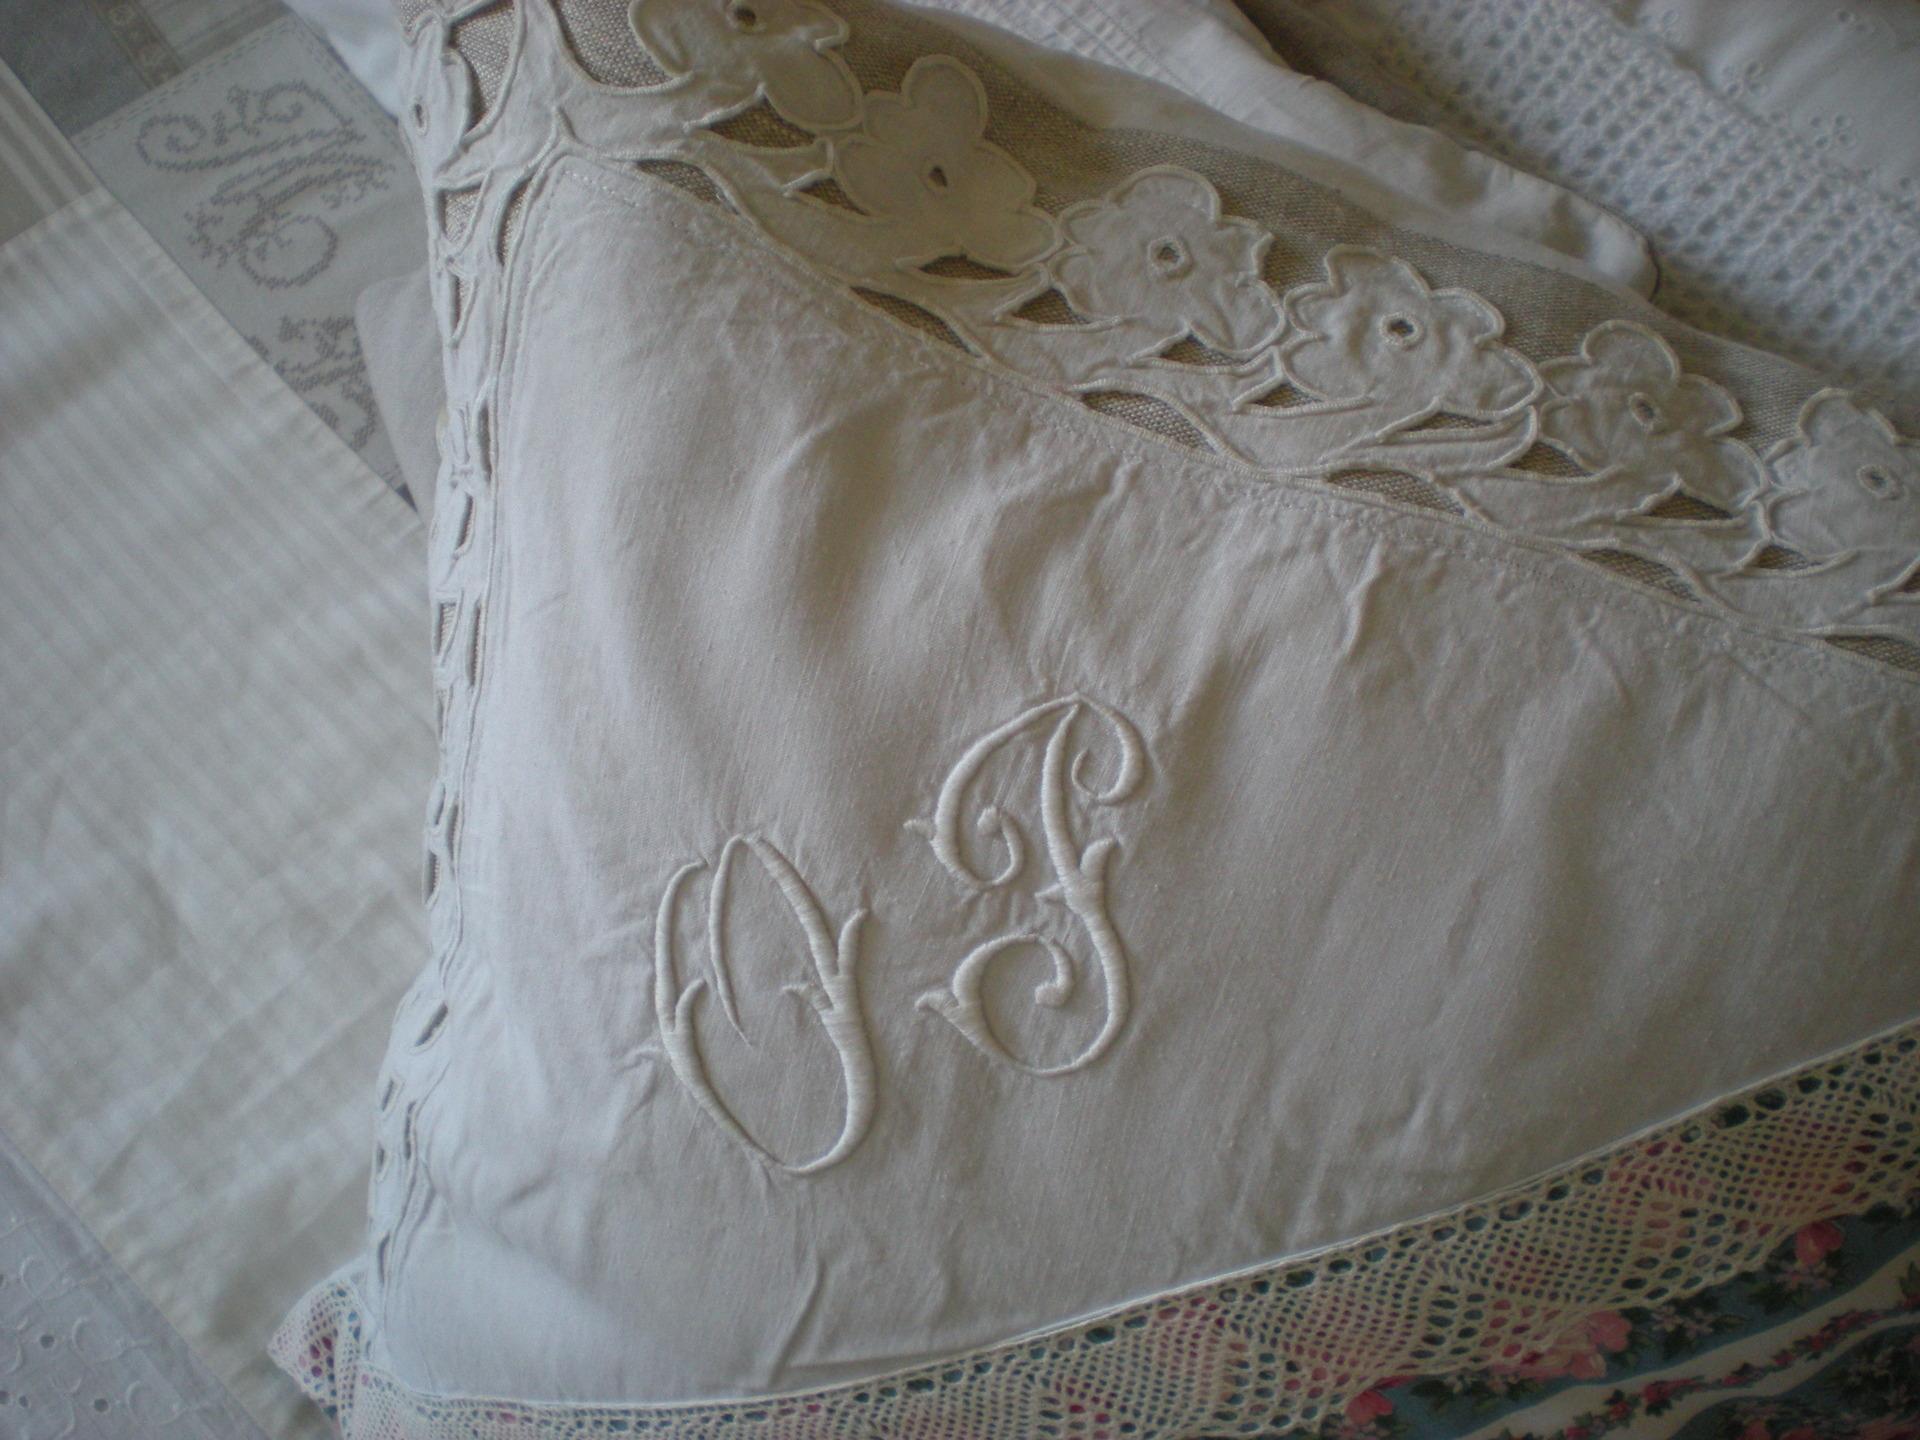 Coussin shabby chic linge ancien maison et deco textiles for Linge de maison shabby chic